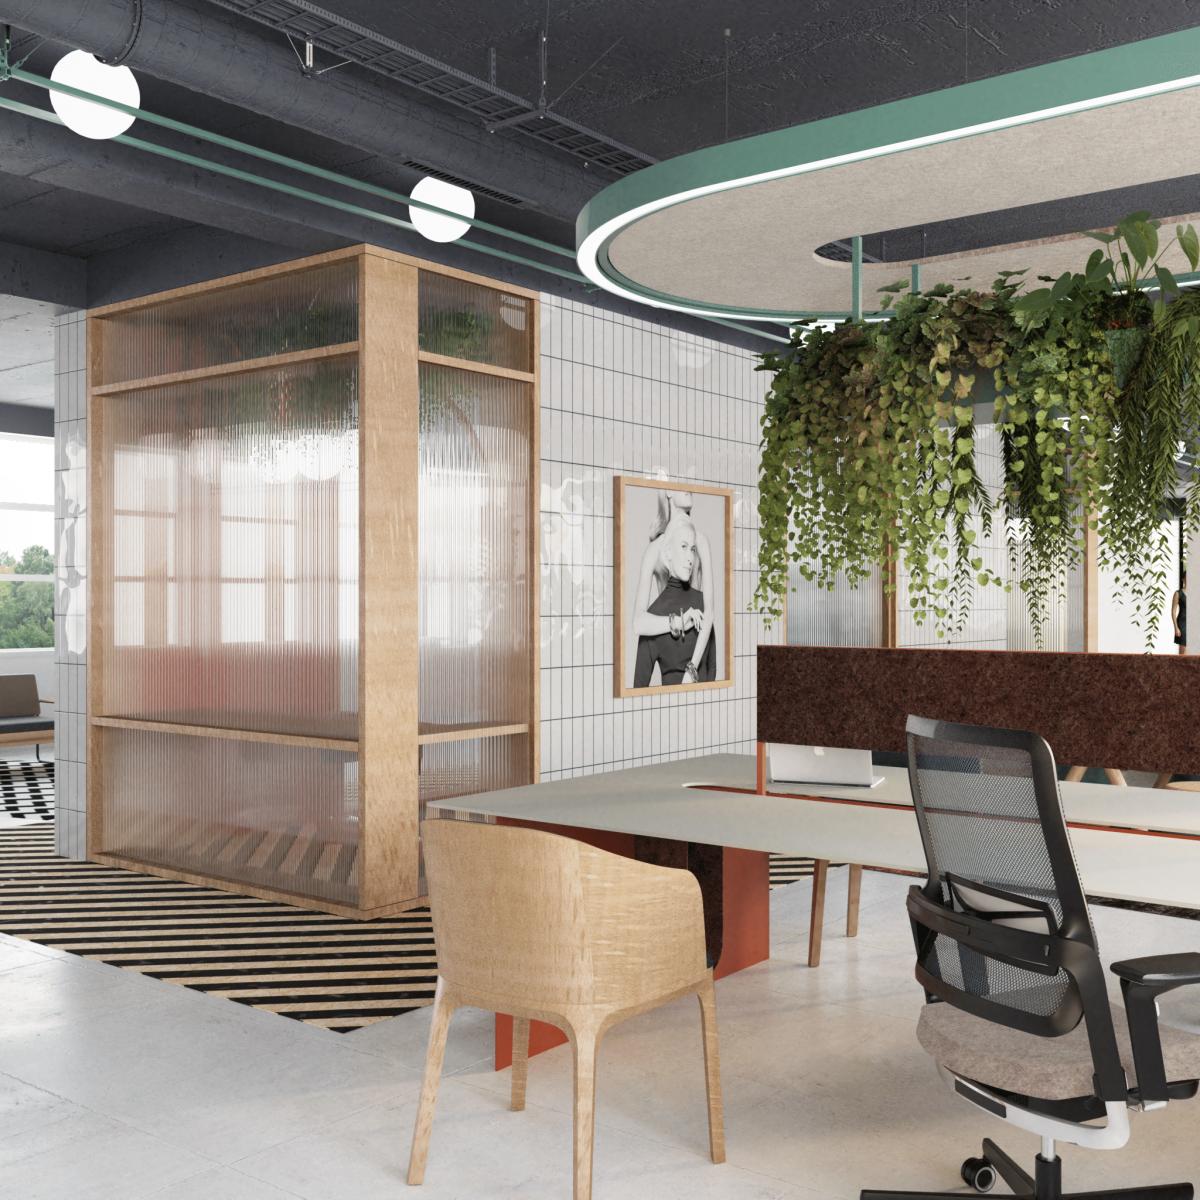 Projekt wnętrza biura - widok na salkę szybkich spotkań YES Biżuterie Poznań; Wykorzystane produkty: Nowy Styl Xilium, Fameg Arch, Biurko typu workbench własnego projektu, nadwieszenie akustyczne własnego projektu